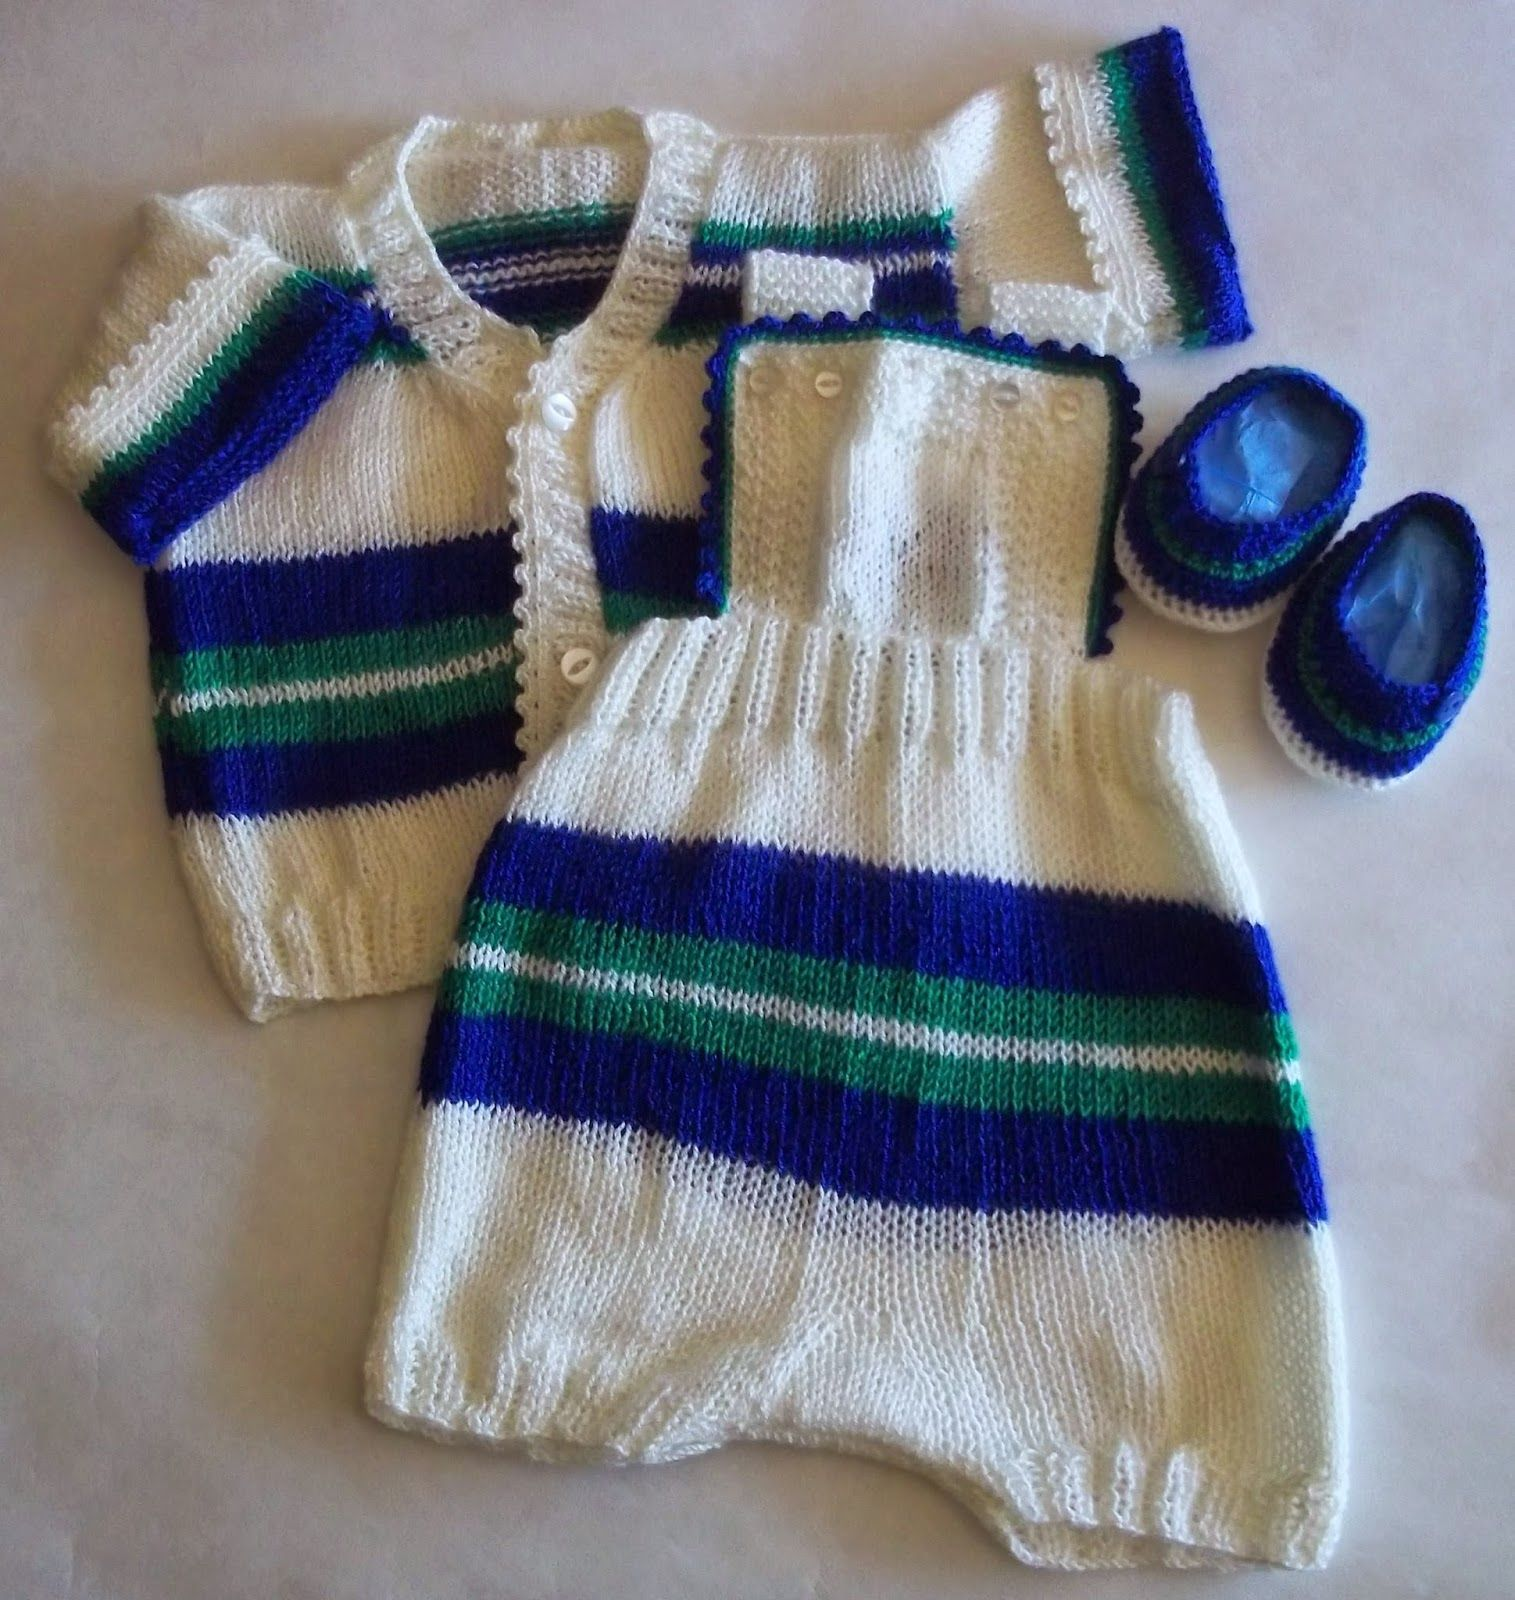 Conjunto Para Bebe Combinado Con Rayas De Colores 3 6 Meses De Carysol Tejidos Artesanales A Mano Conjunto Bebe Rayas De Color Baby Knitting Patterns